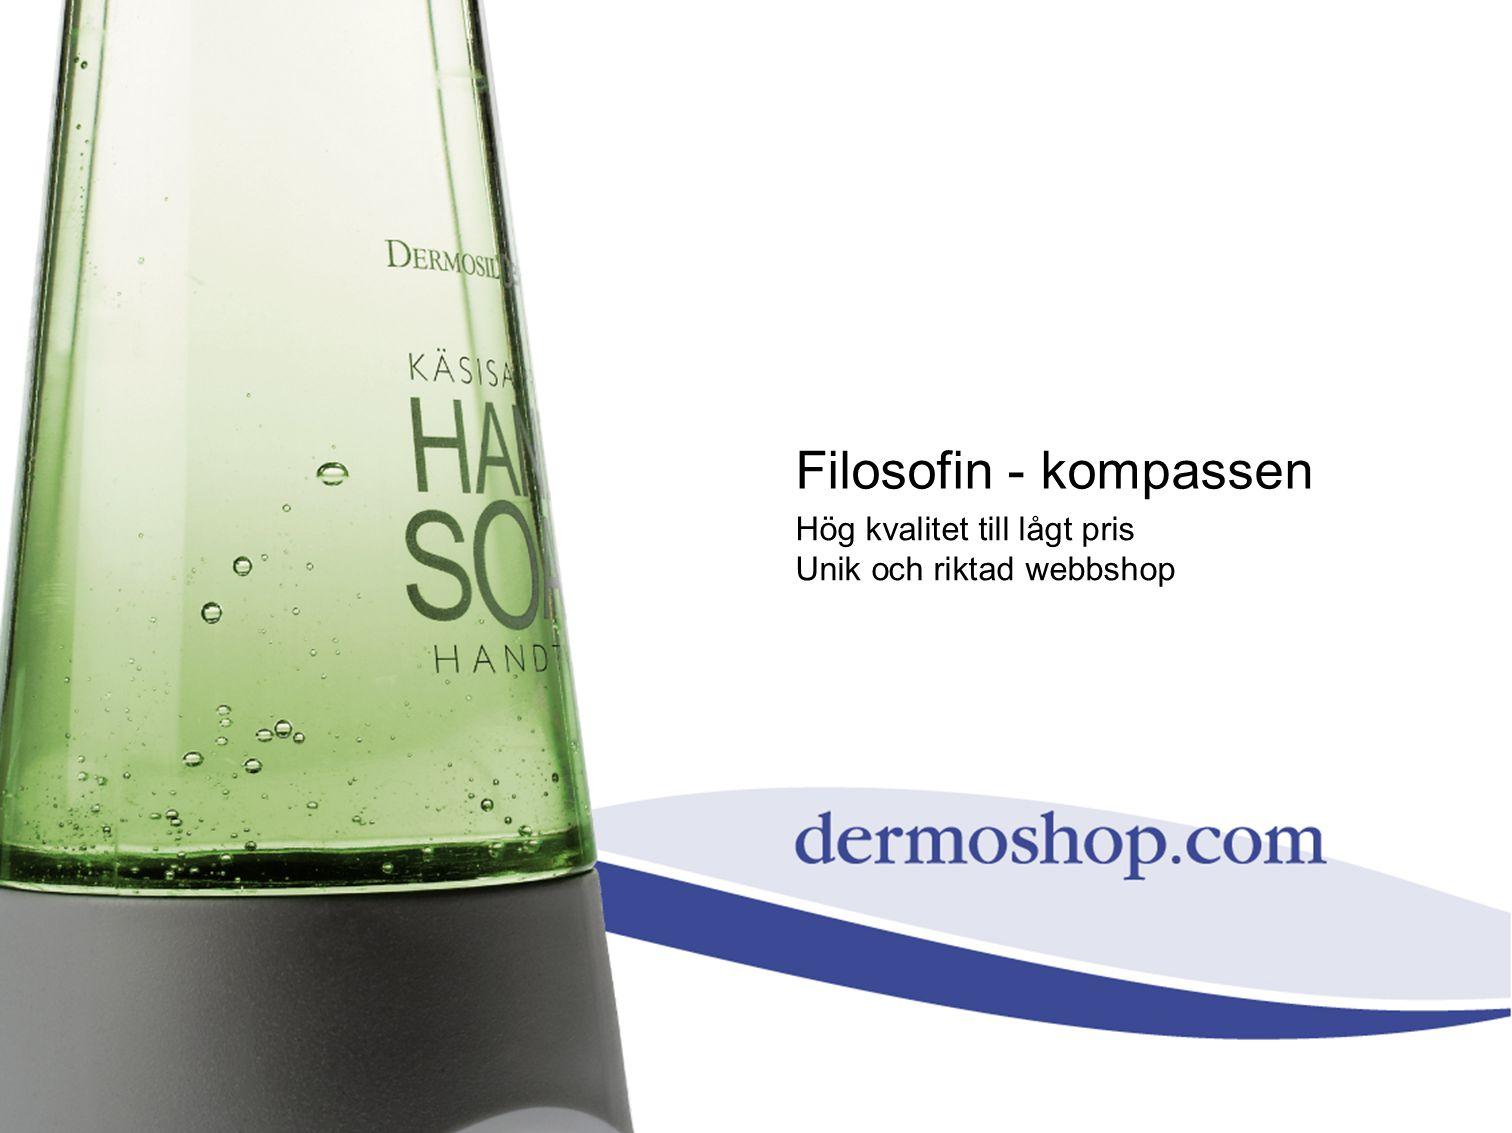 Filosofin - kompassen Hög kvalitet till lågt pris Unik och riktad webbshop